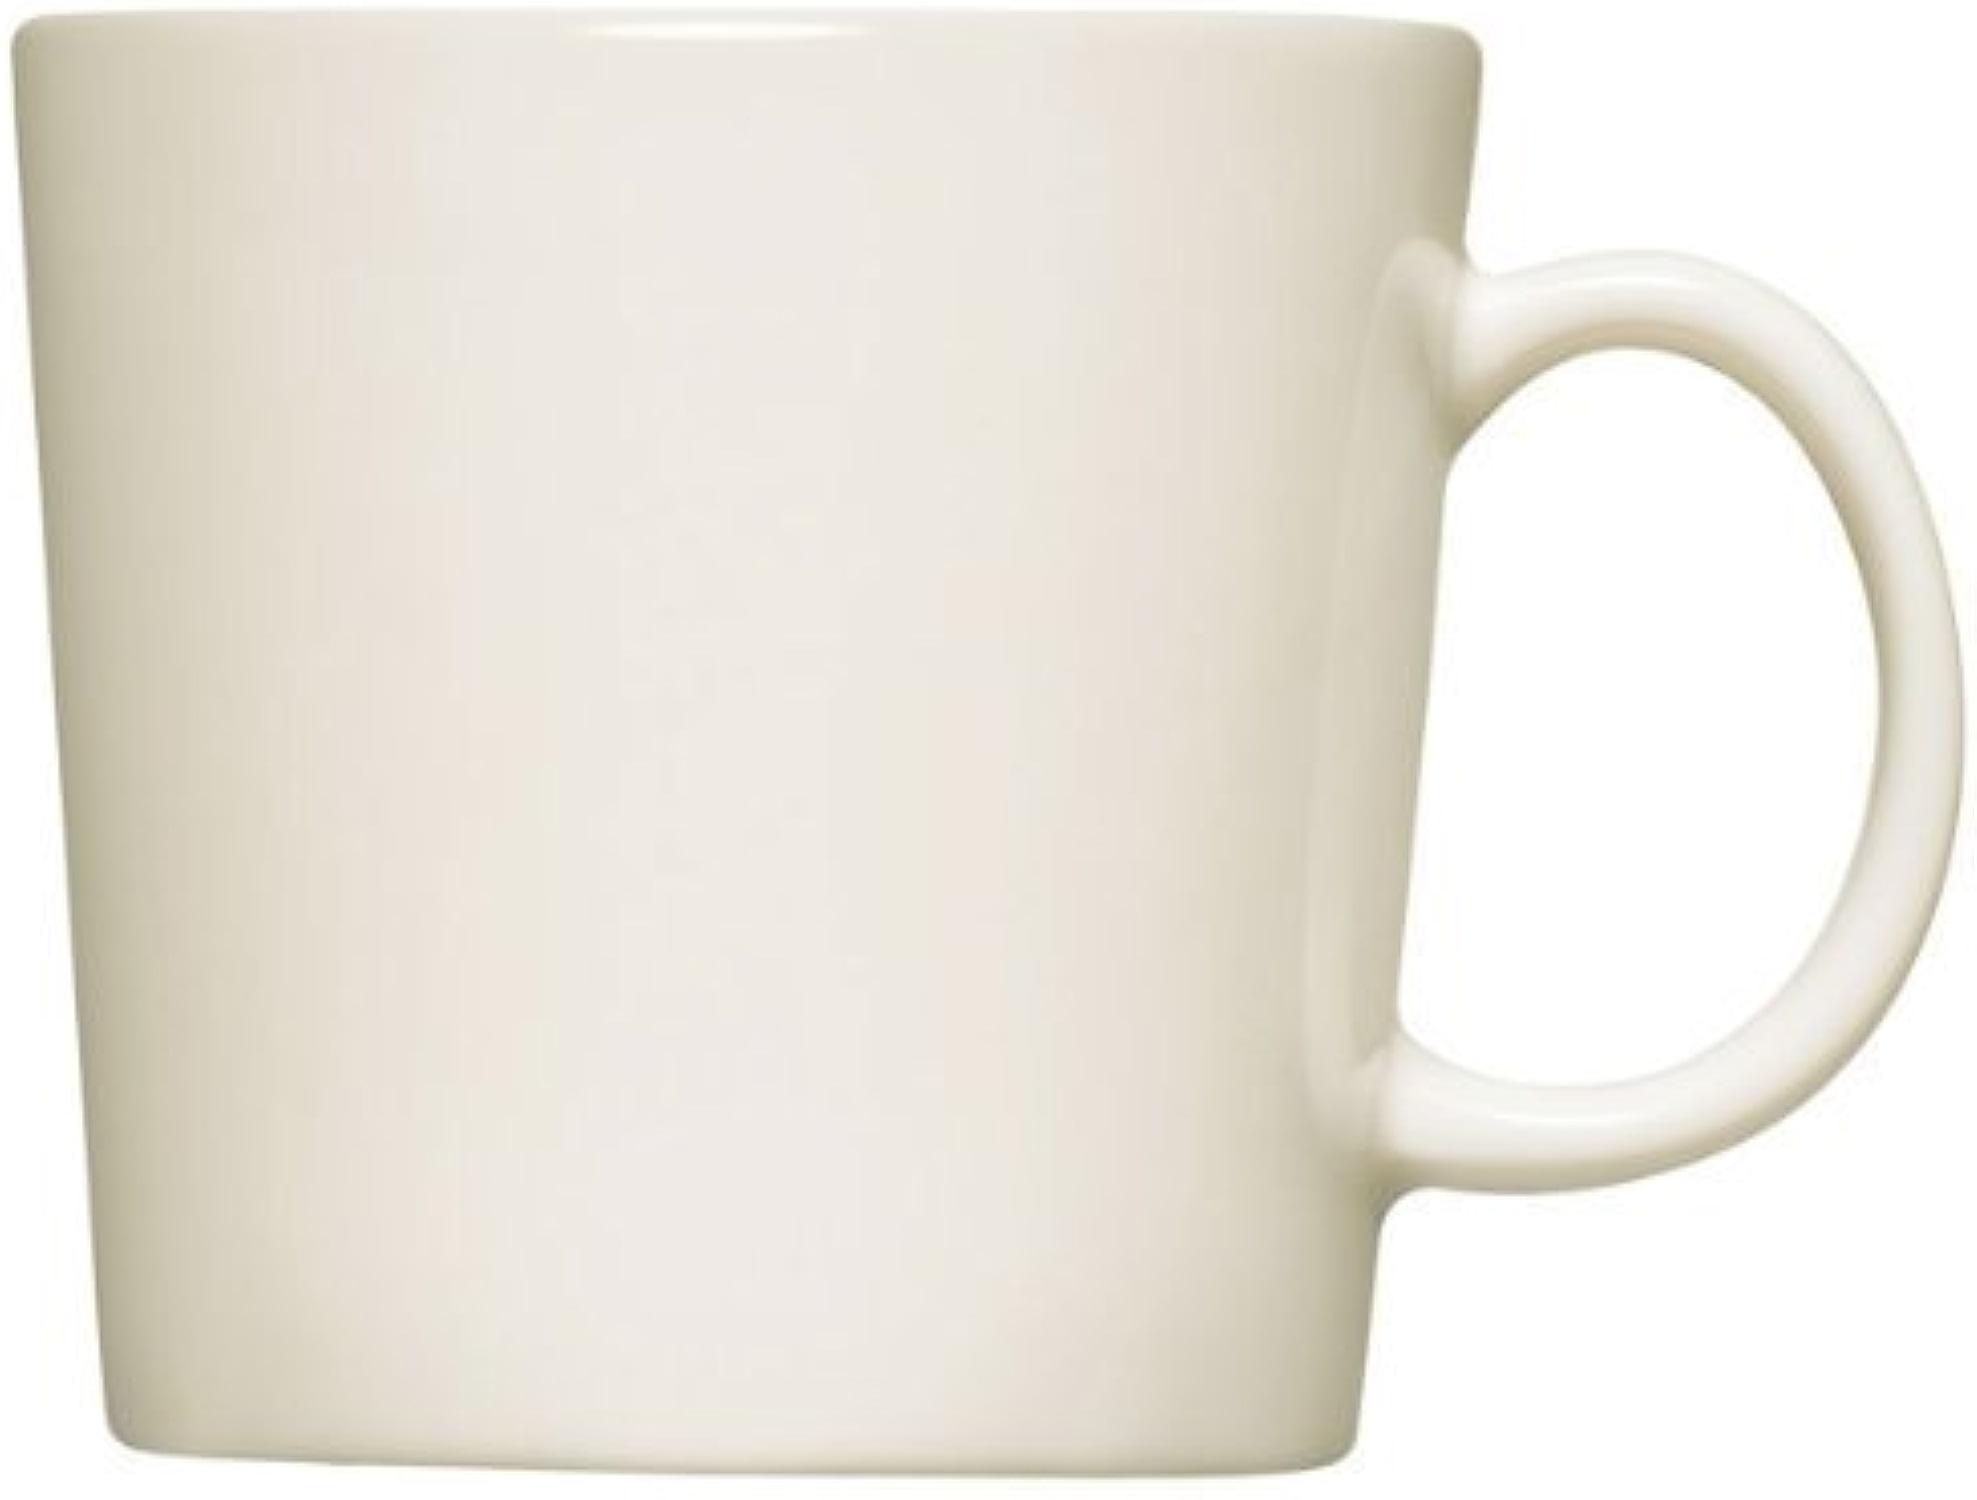 Iittala iittala Teema Mug blanc 0.3L (japan import) by Iittala